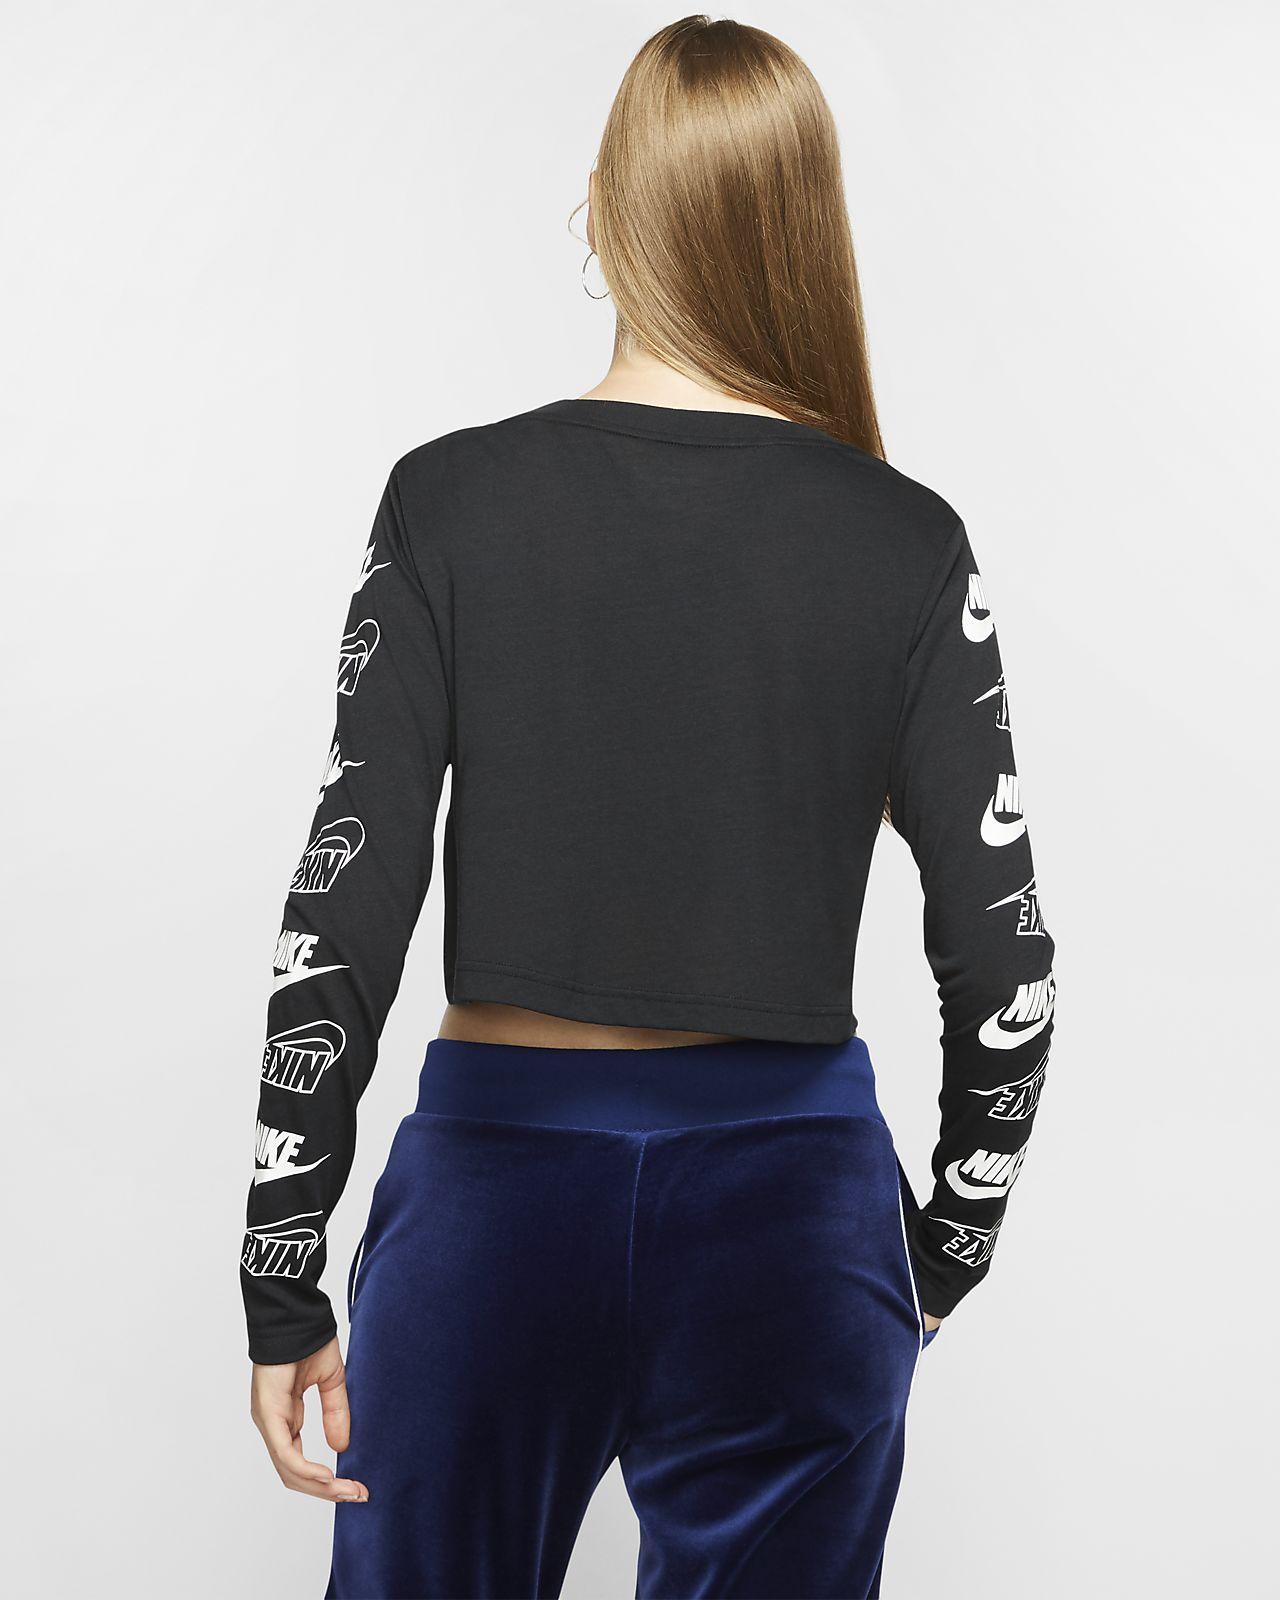 c813dfe5fac955 Nike Sportswear T-shirt met lange mouwen voor dames. Nike.com NL